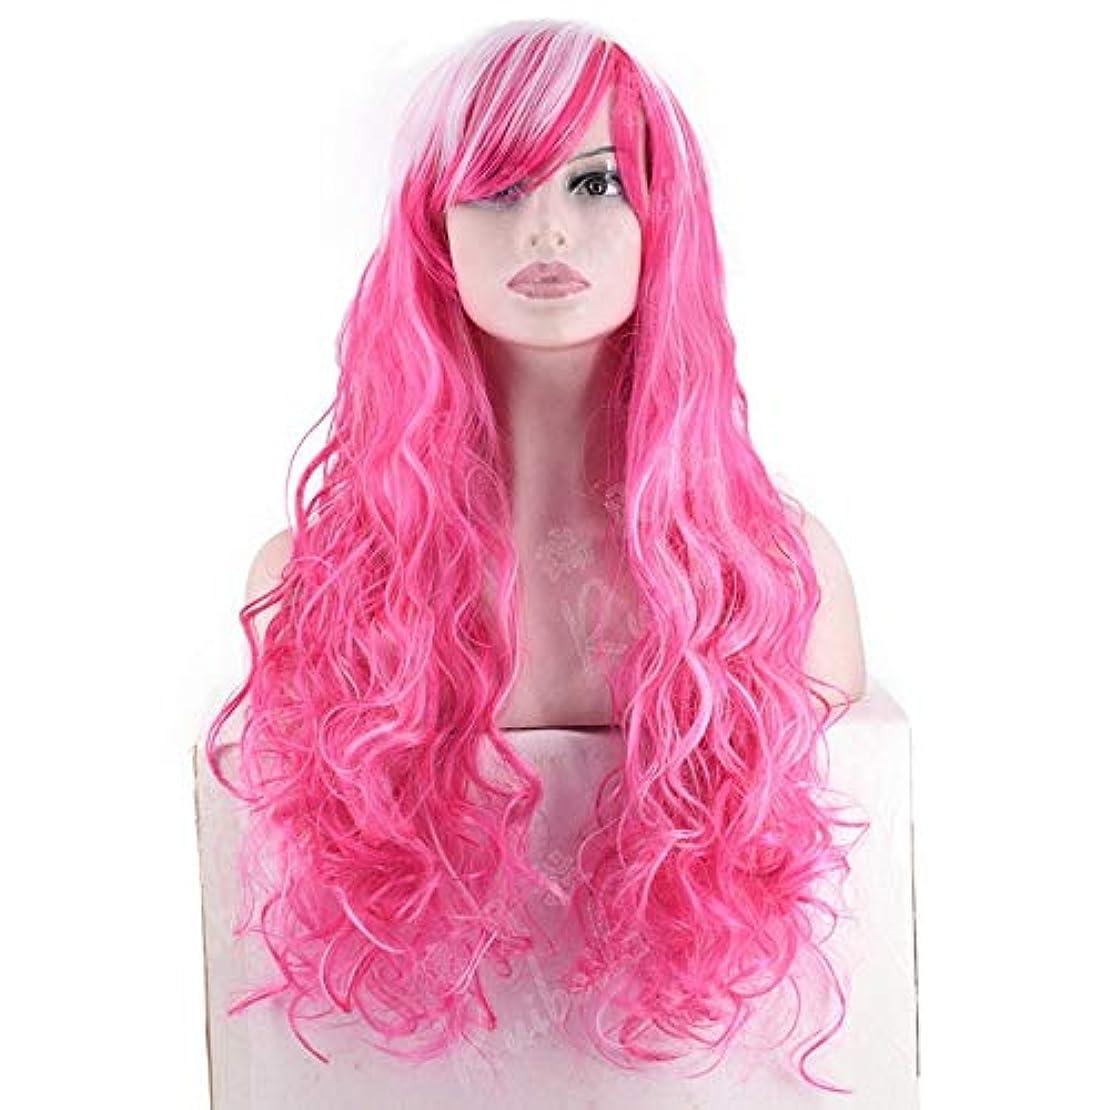 かわすクリーク病んでいるHOHYLLYA 斜めの前髪付きコスプレウィッグレディーピンクの長い巻き毛フルヘッドコスプレウィッグ女性の合成のかつらレースのかつらロールプレイングかつら (色 : ピンク)